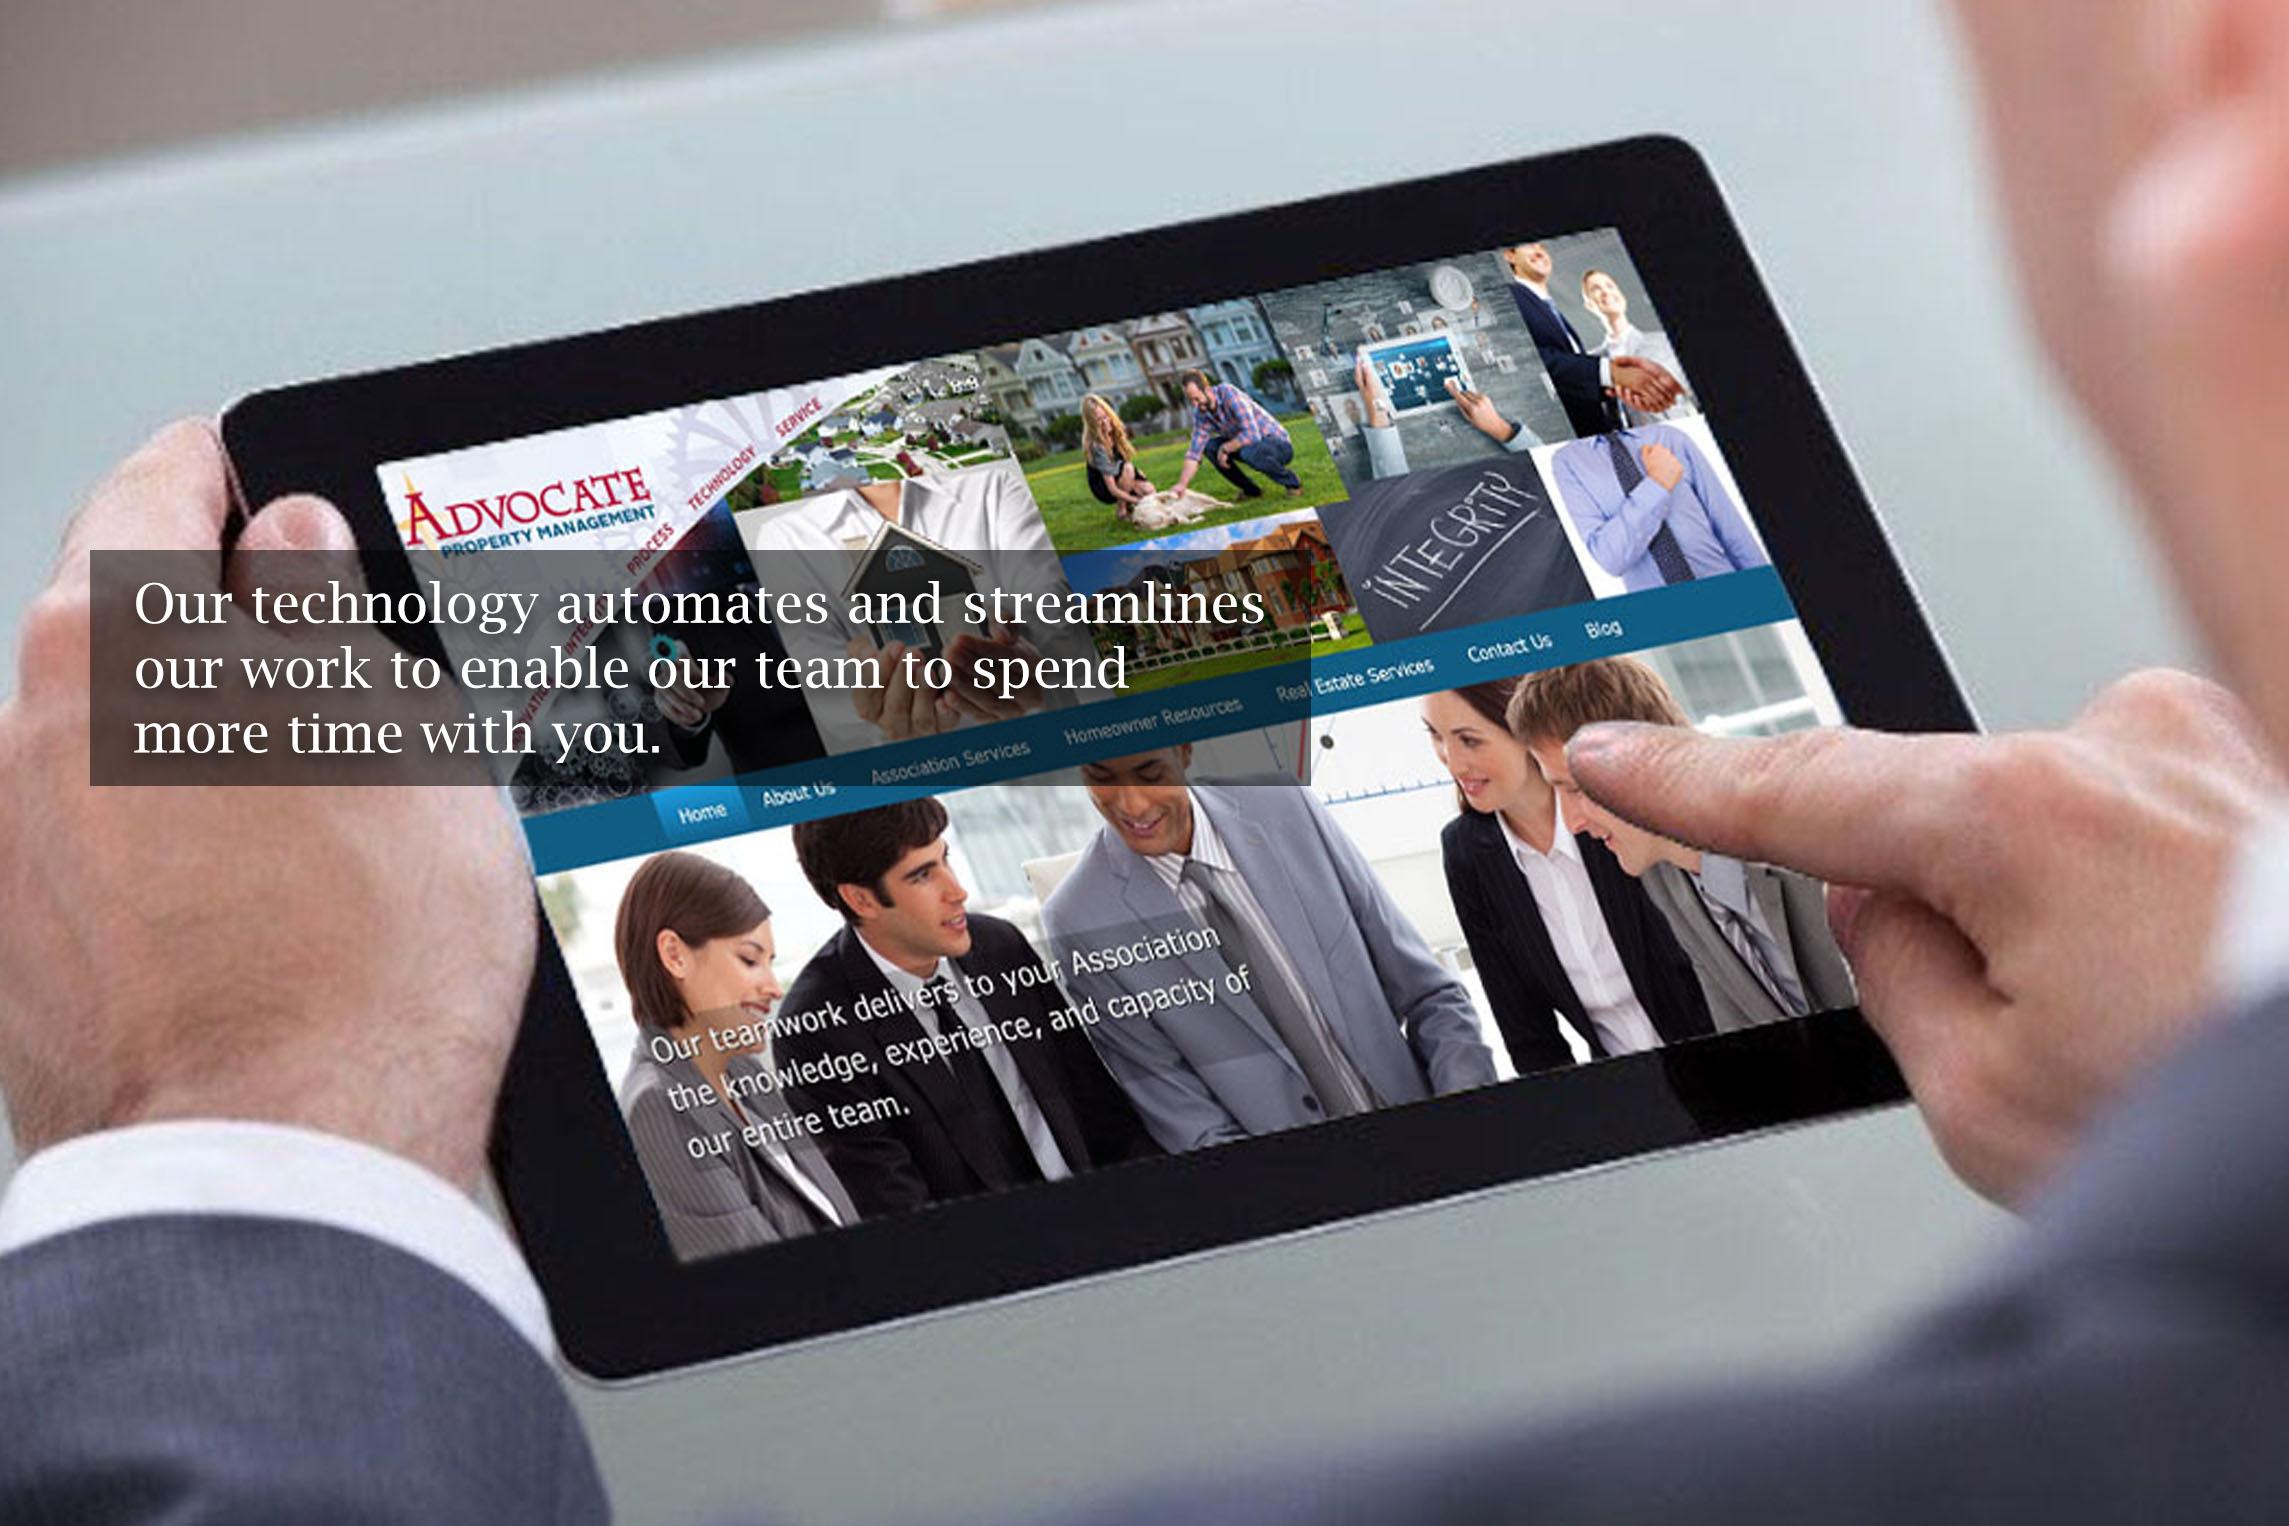 association management technology